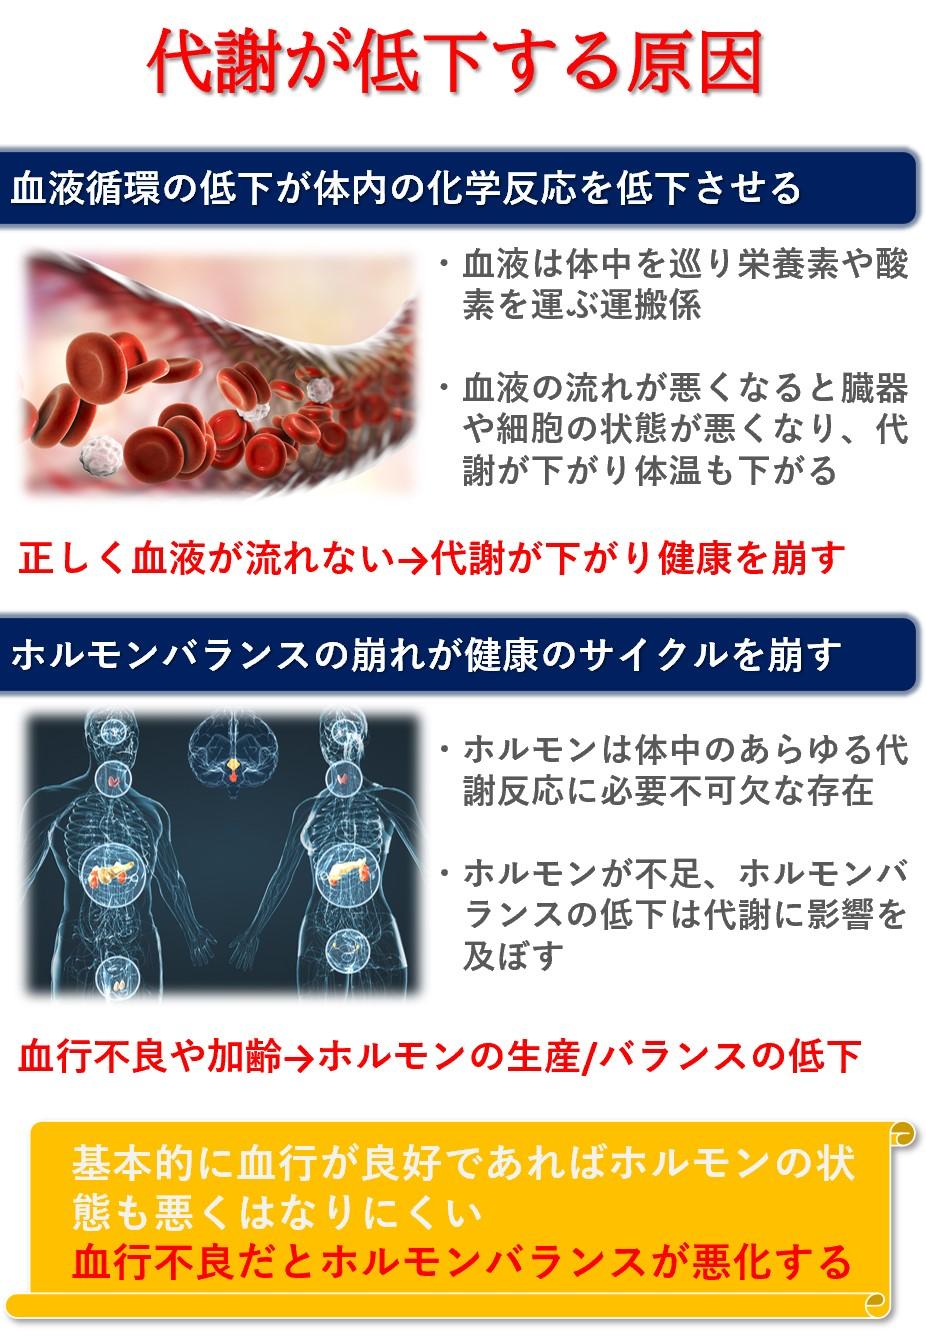 血液循環の悪化とホルモンバランスの悪化は代謝の低下に繋がる